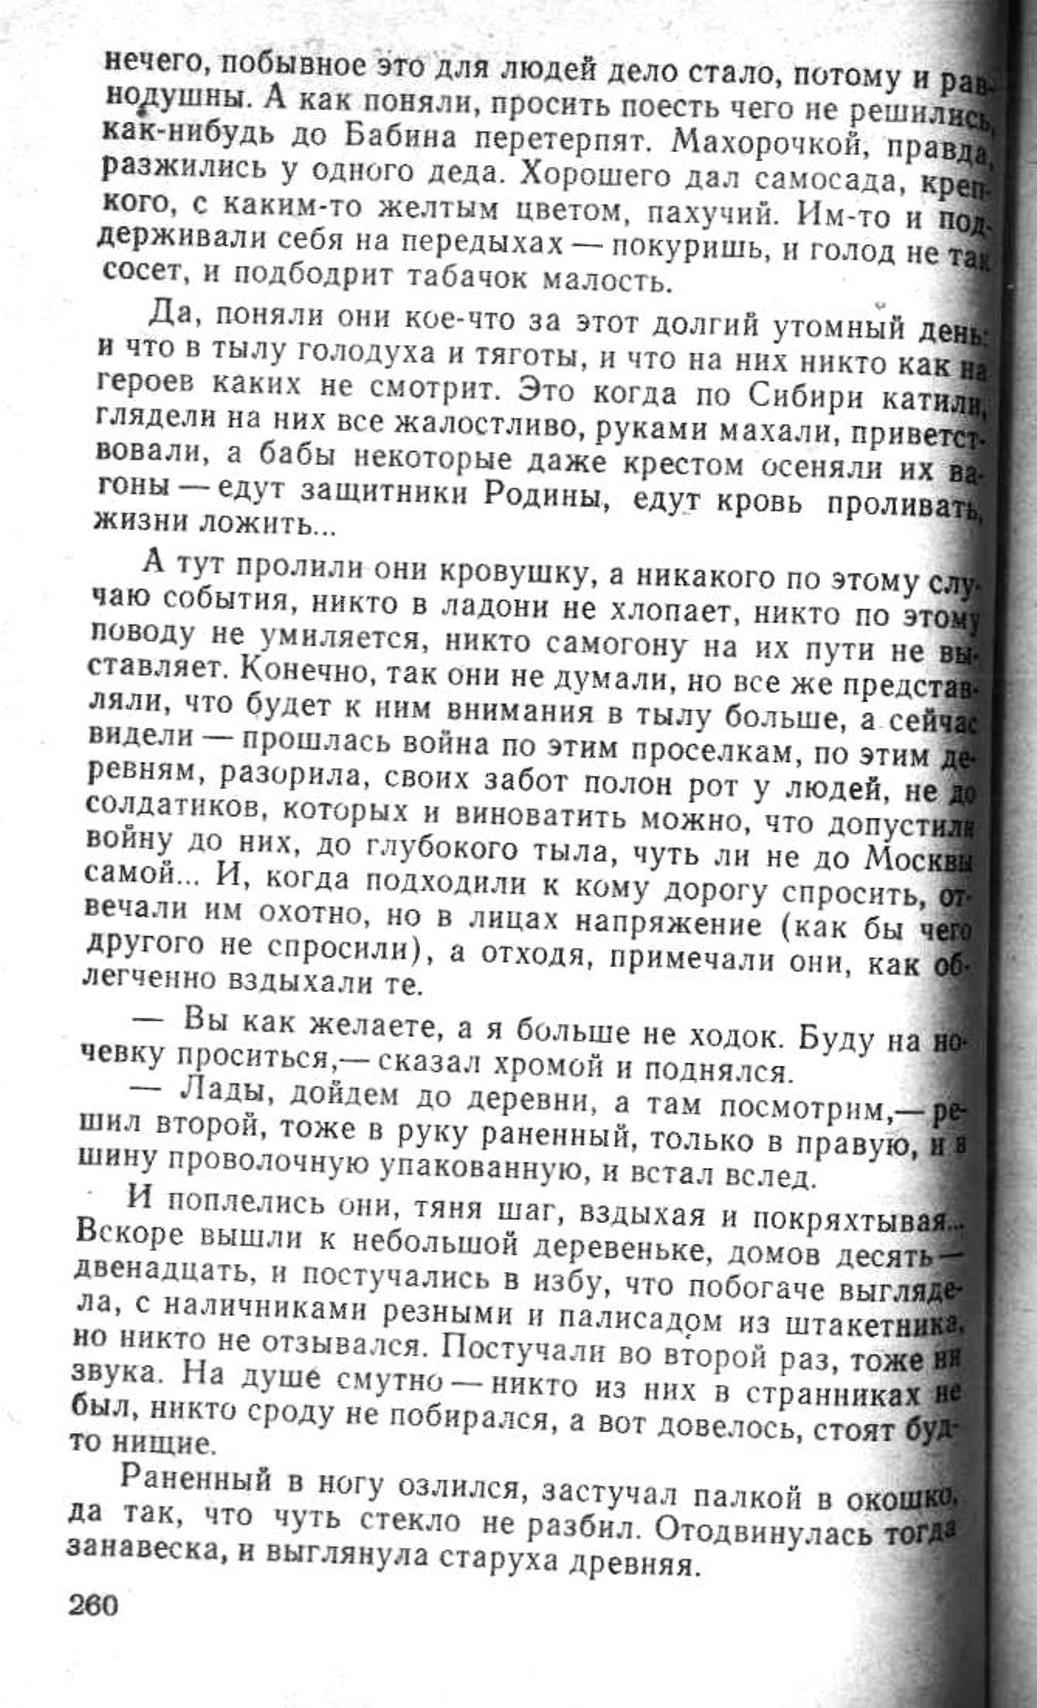 Сашка. Повесть. Вячеслав Кондратьев. 012. 005